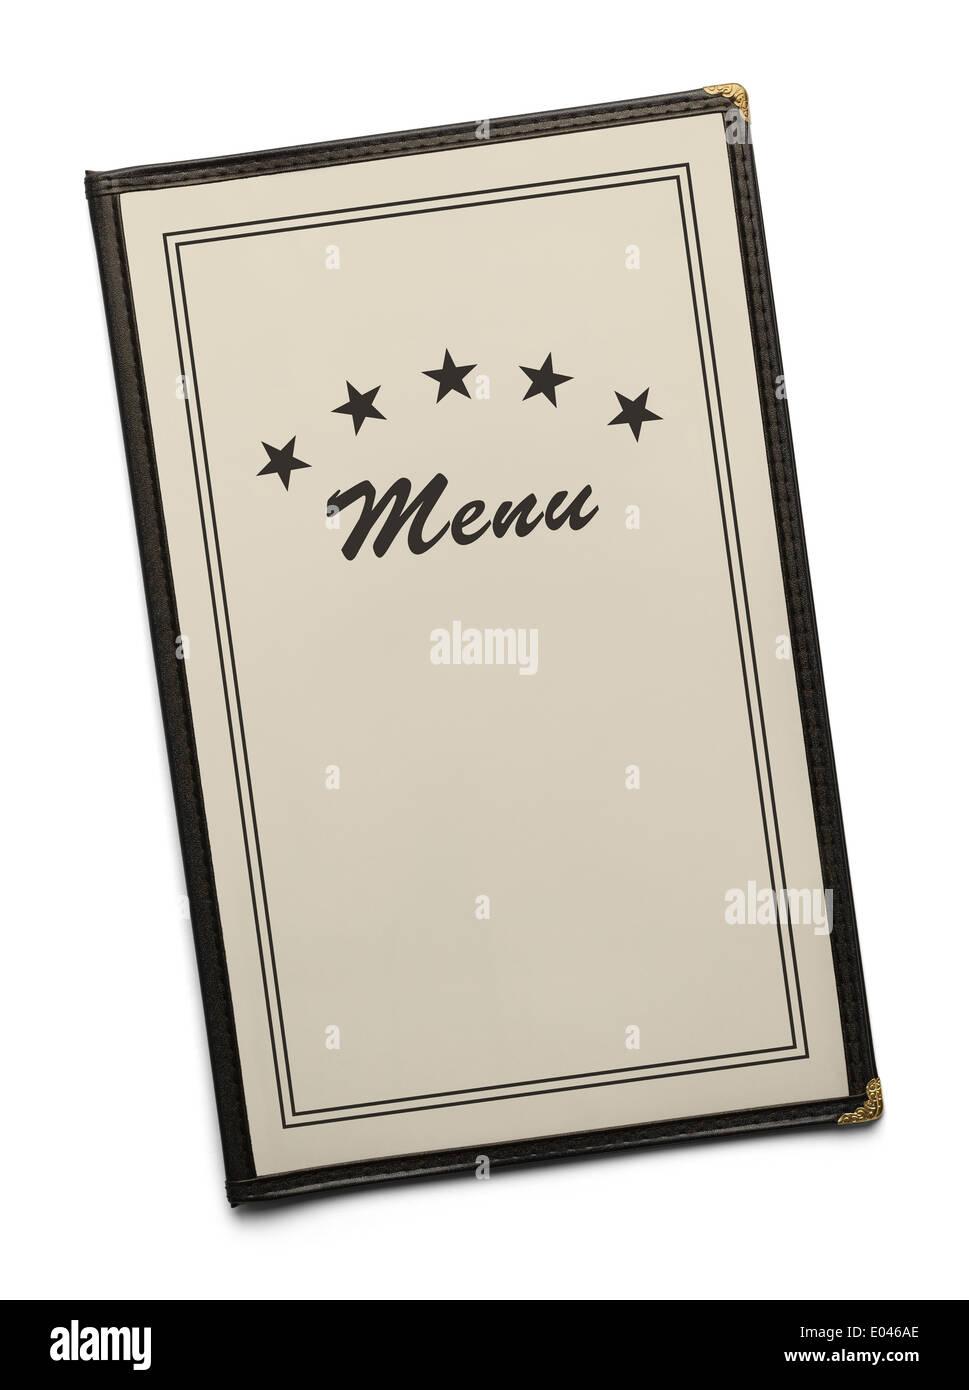 El menú del restaurante genérico en blanco con copia espacio aislado sobre fondo blanco. Imagen De Stock